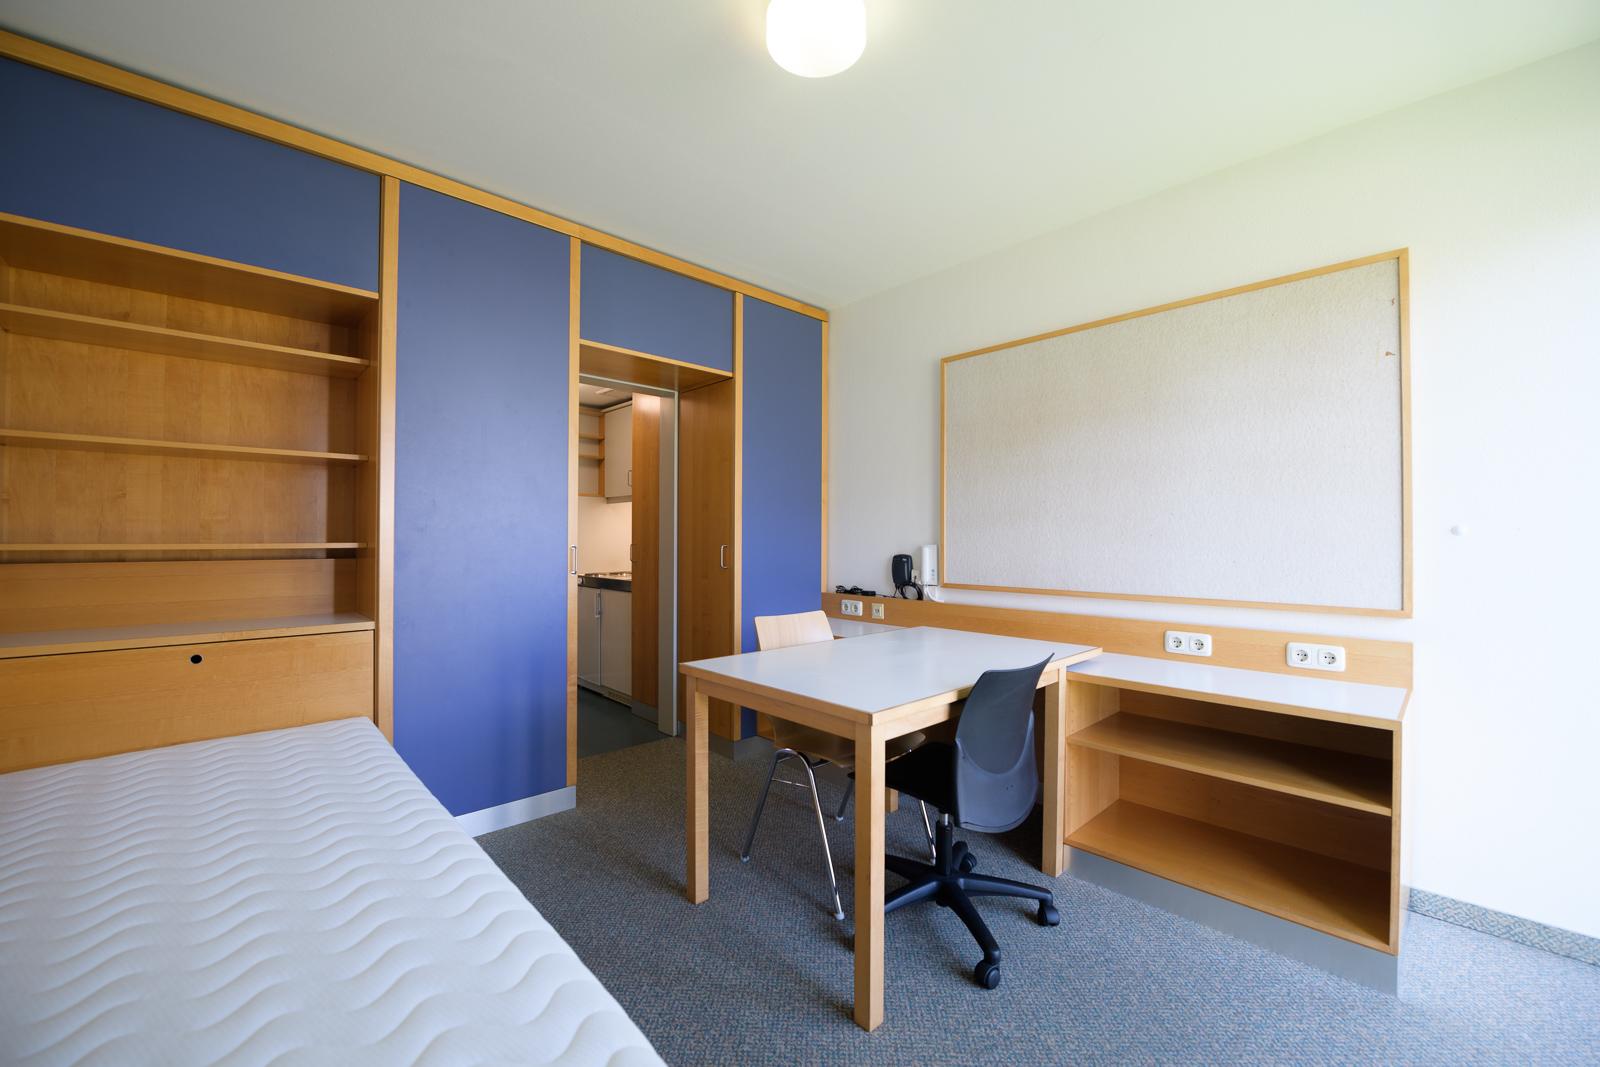 Einzelzimmer Wohnanlage Baustudierende